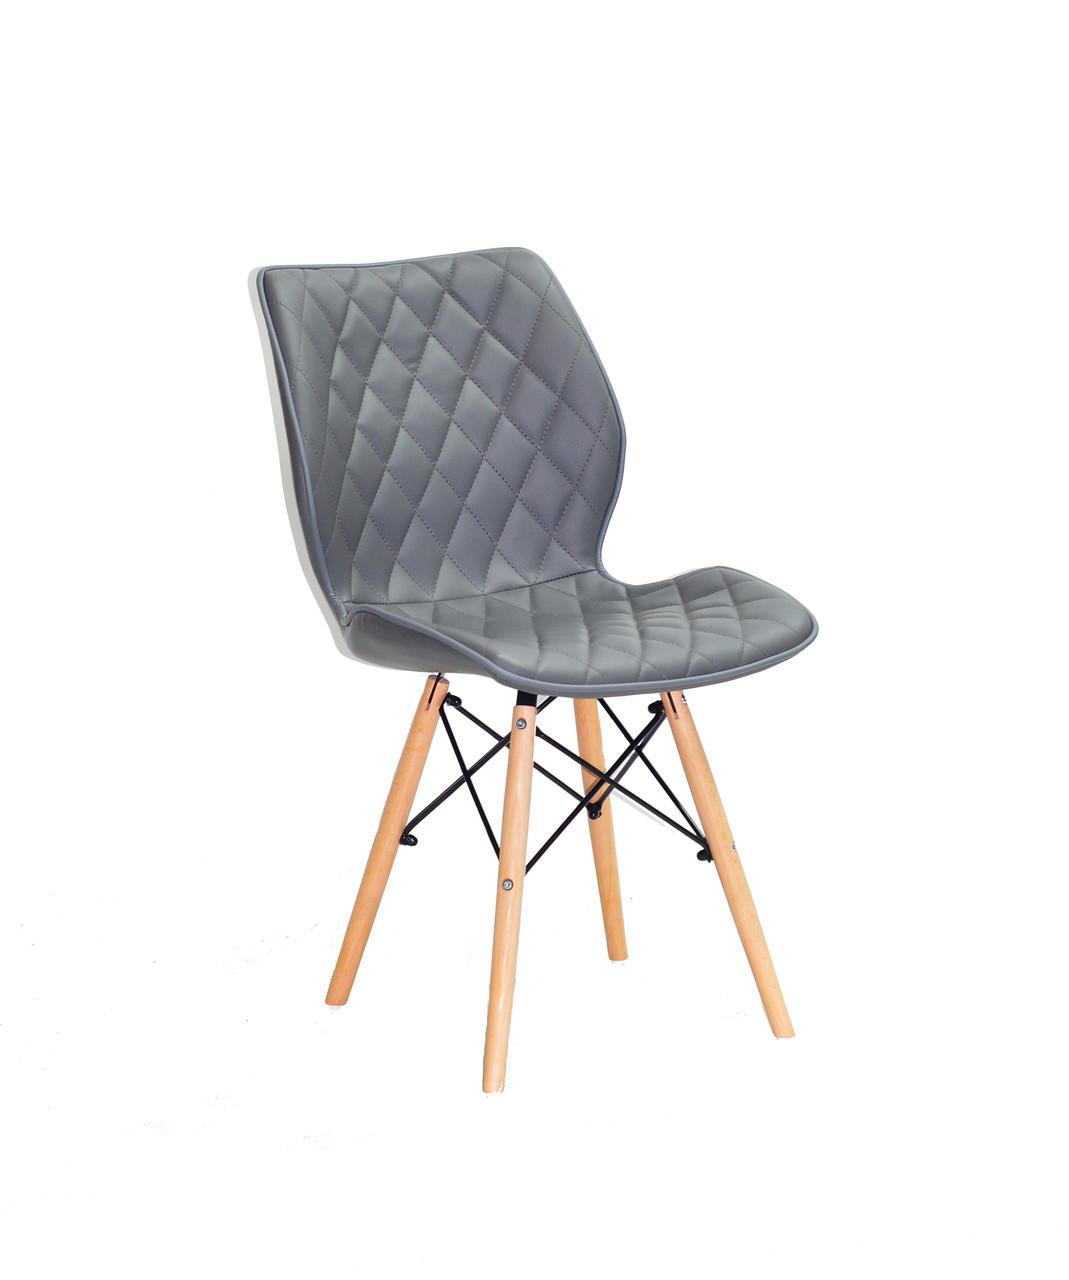 Обеденный стул Nolan ЭК (Нолан) серая экокожа на деревянных ногах с прутьями